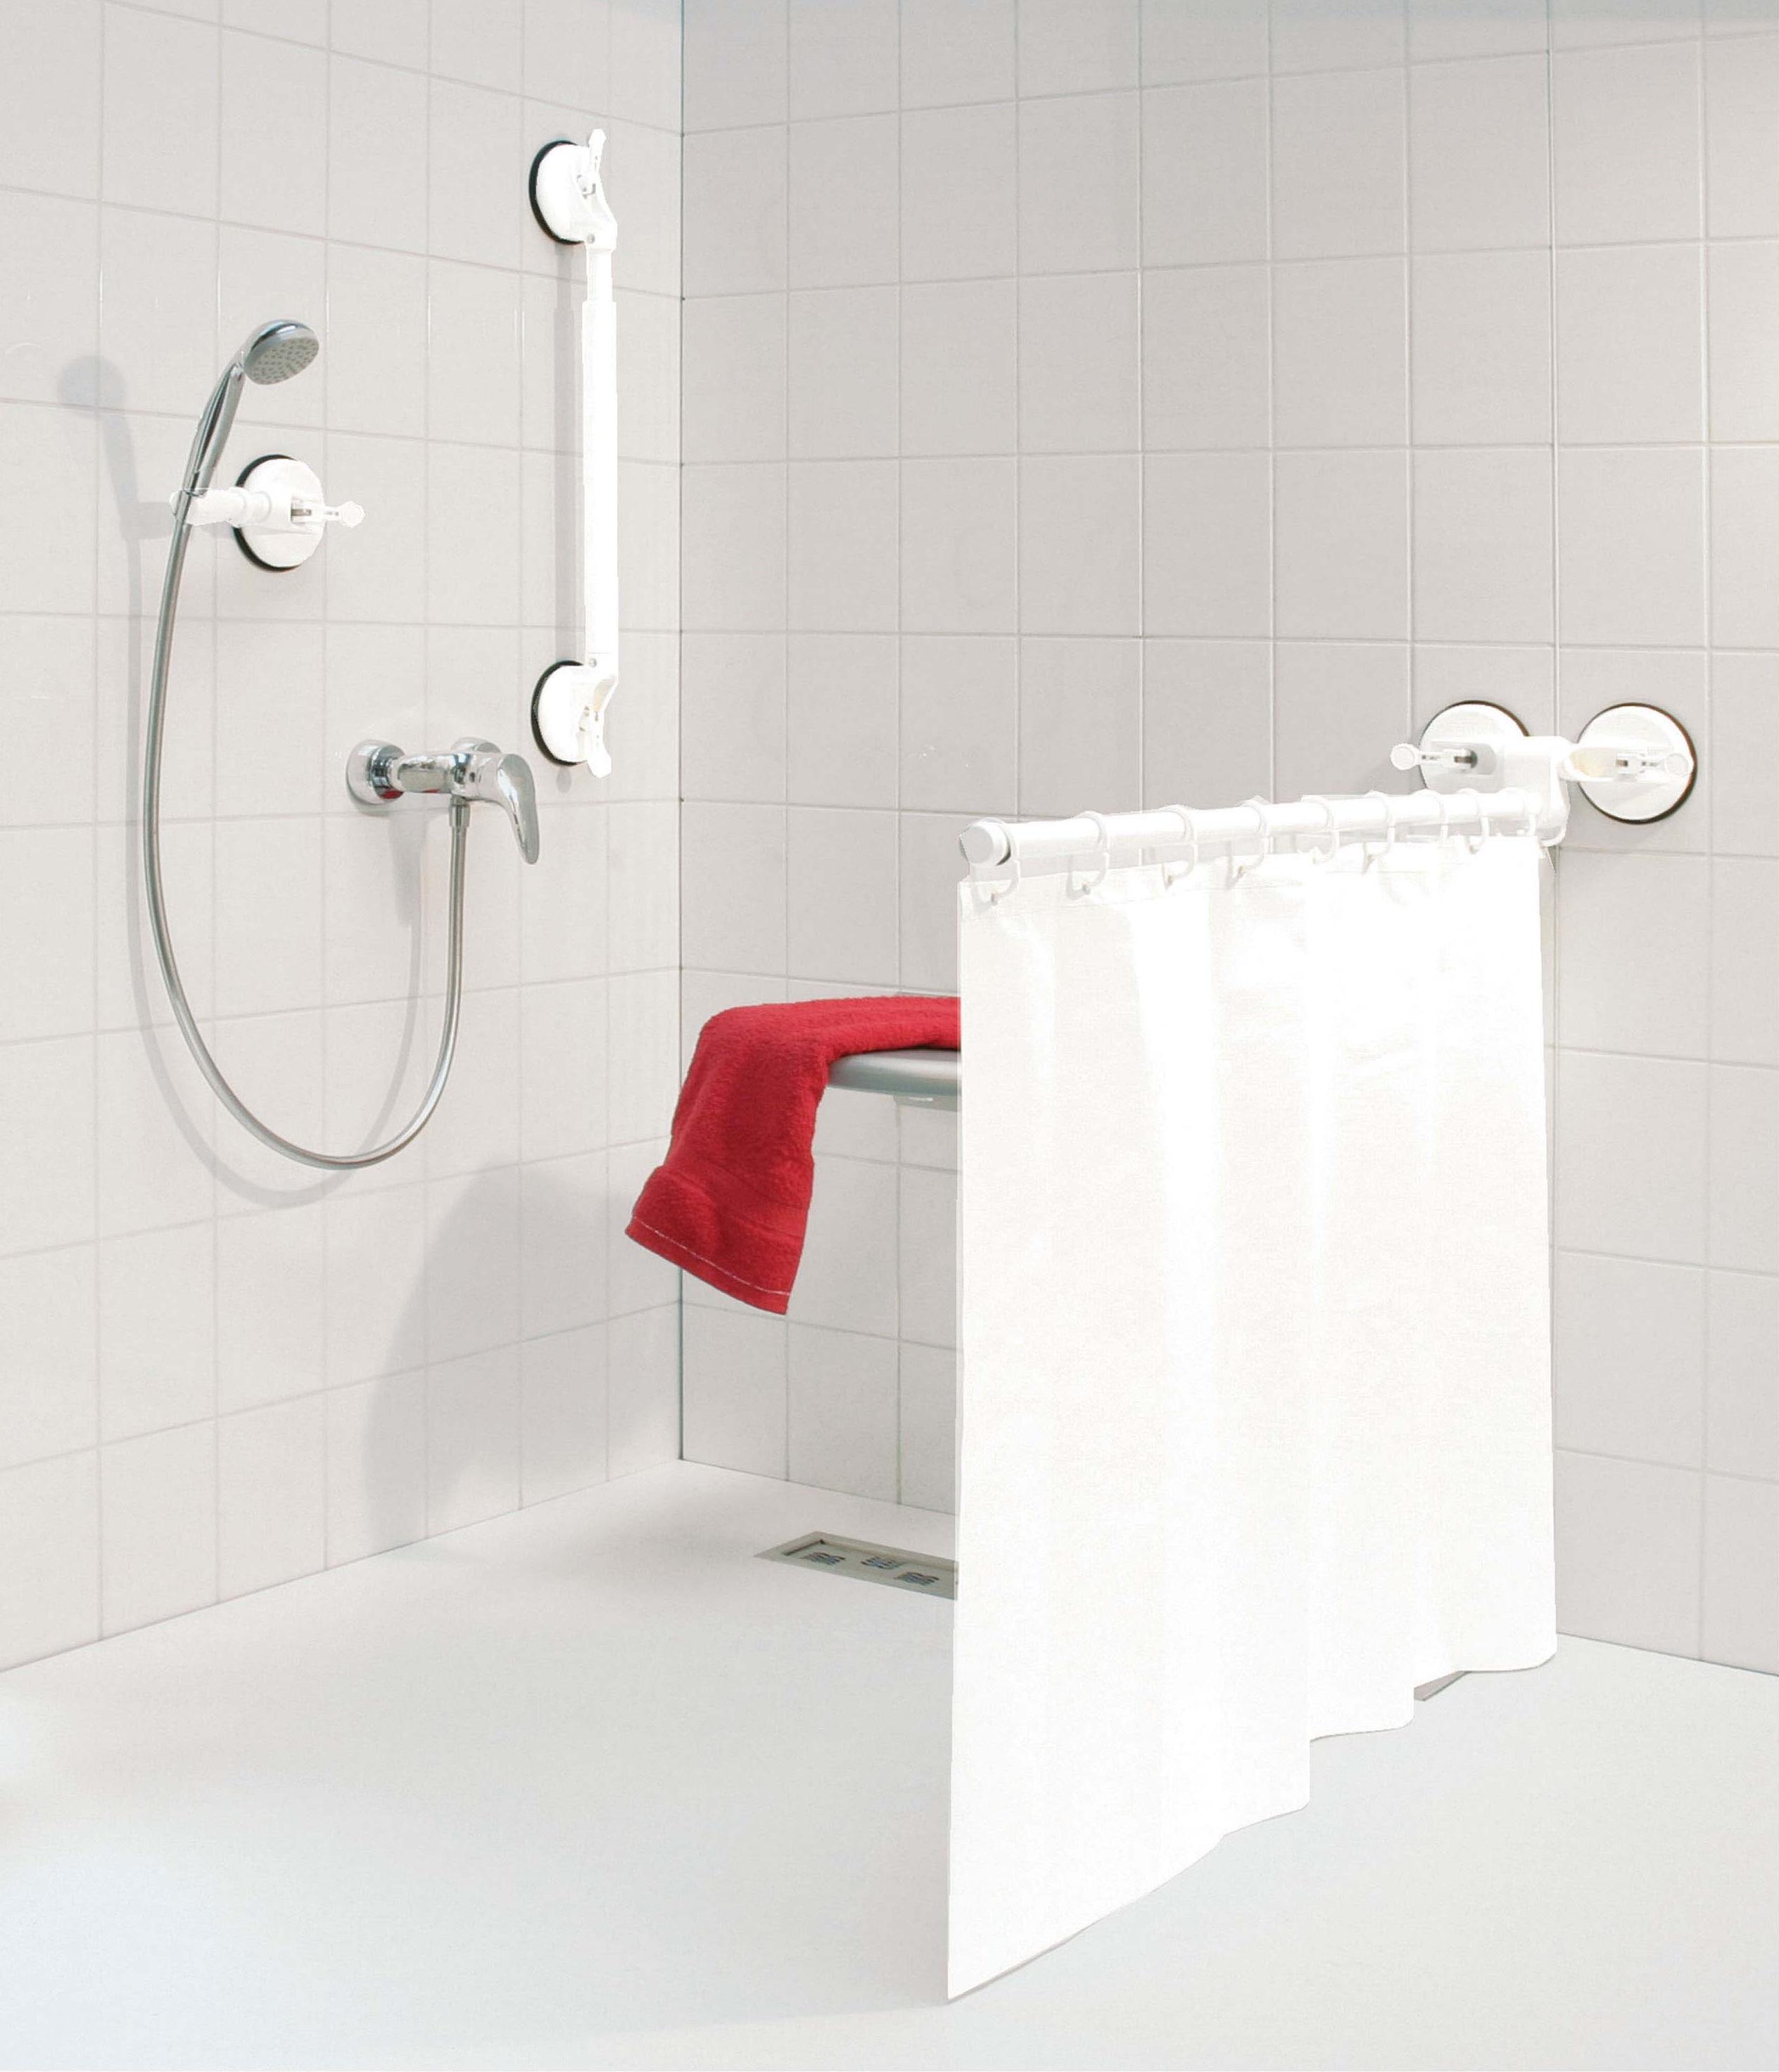 Barra para cortina de ba o productos de farmacia ortop dia diagonal mar - Barra cortina bano ...